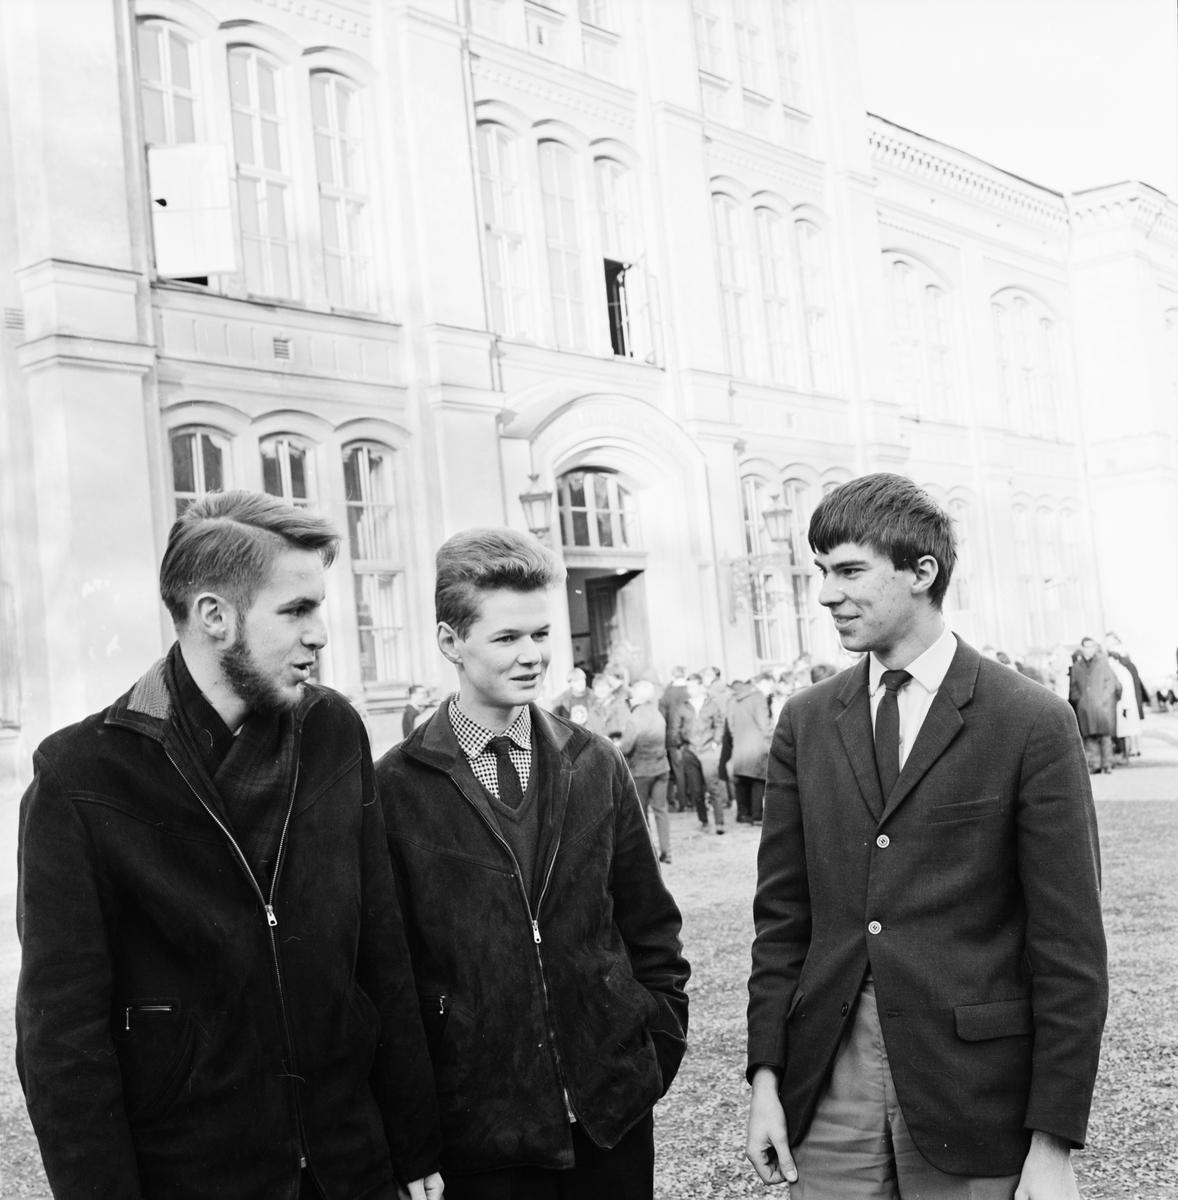 Katedralskolan - Klas Caldenby, Mats Broberg och Mats Cedvall, Uppsala, november 1964